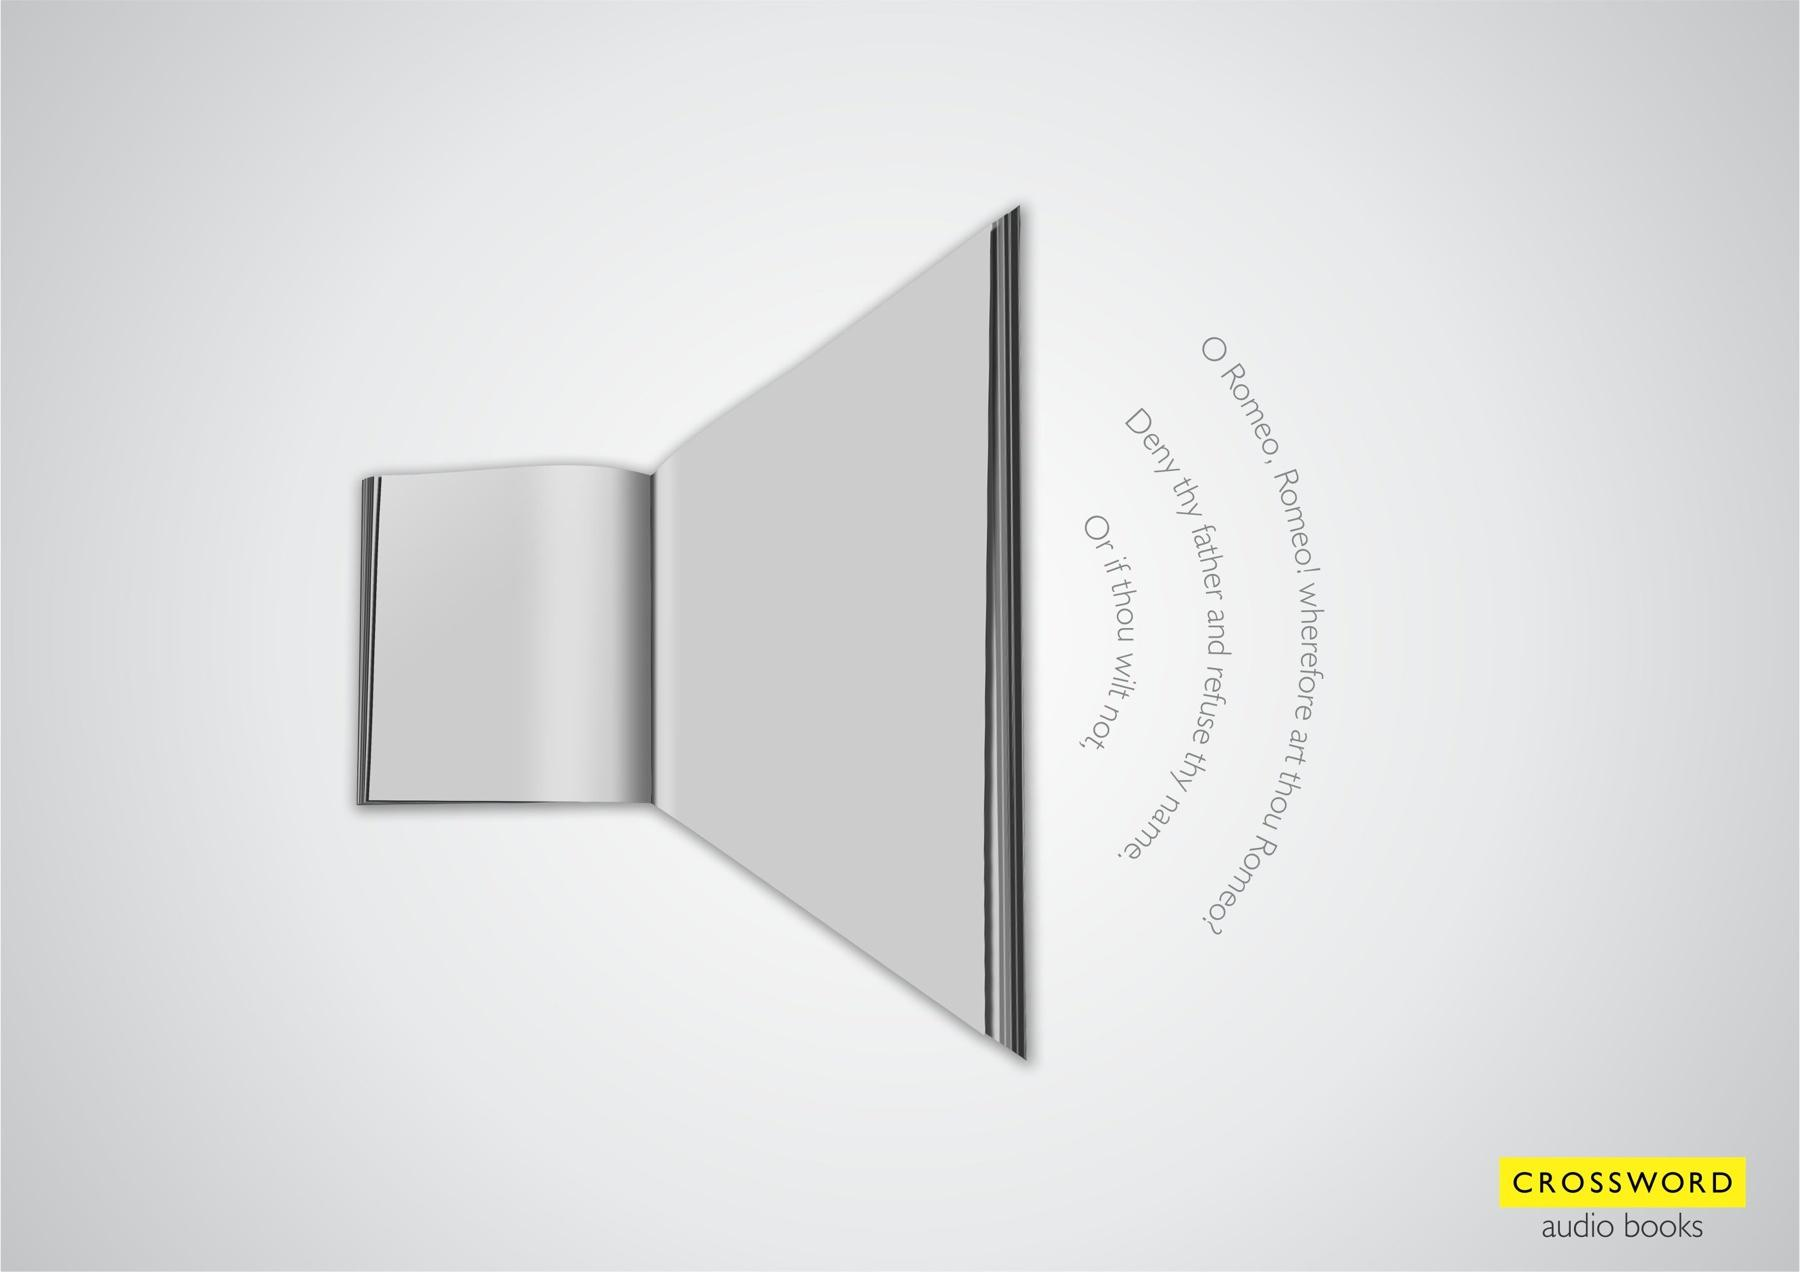 Crossword Bookstores Print Ad -  Audio icon